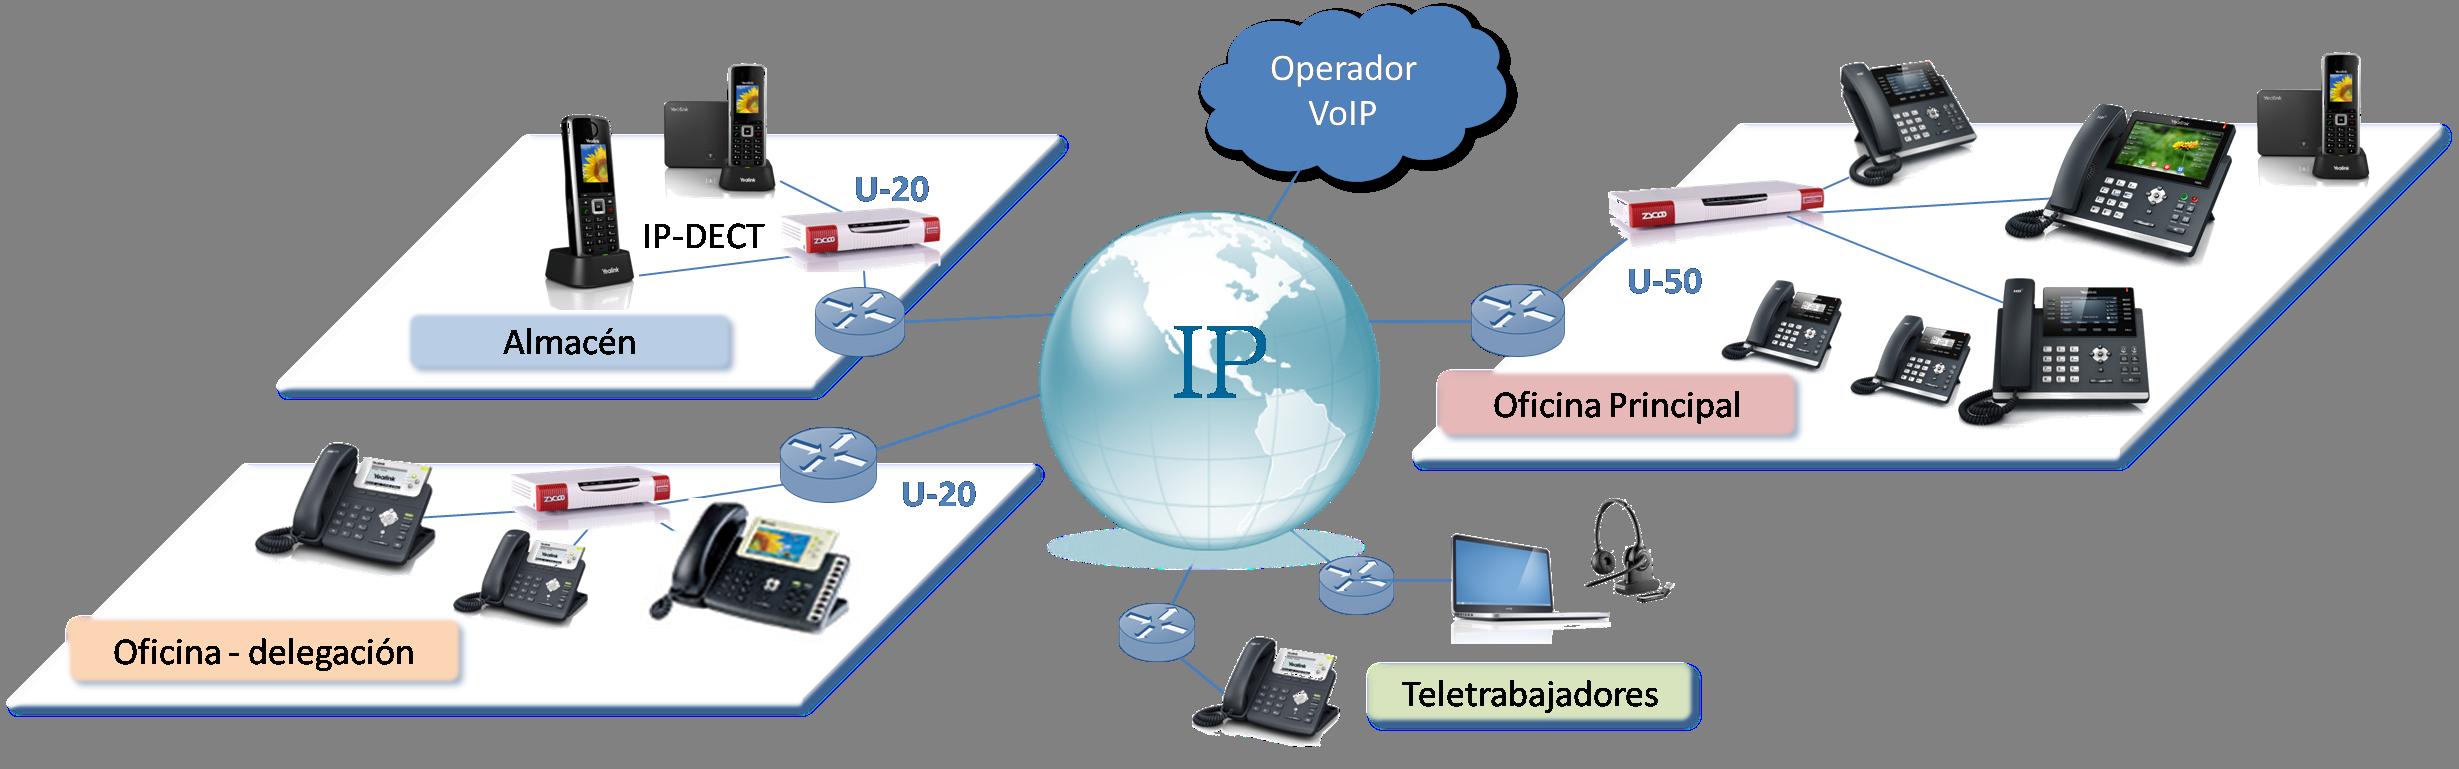 solucion_de_telefonia_ip.png